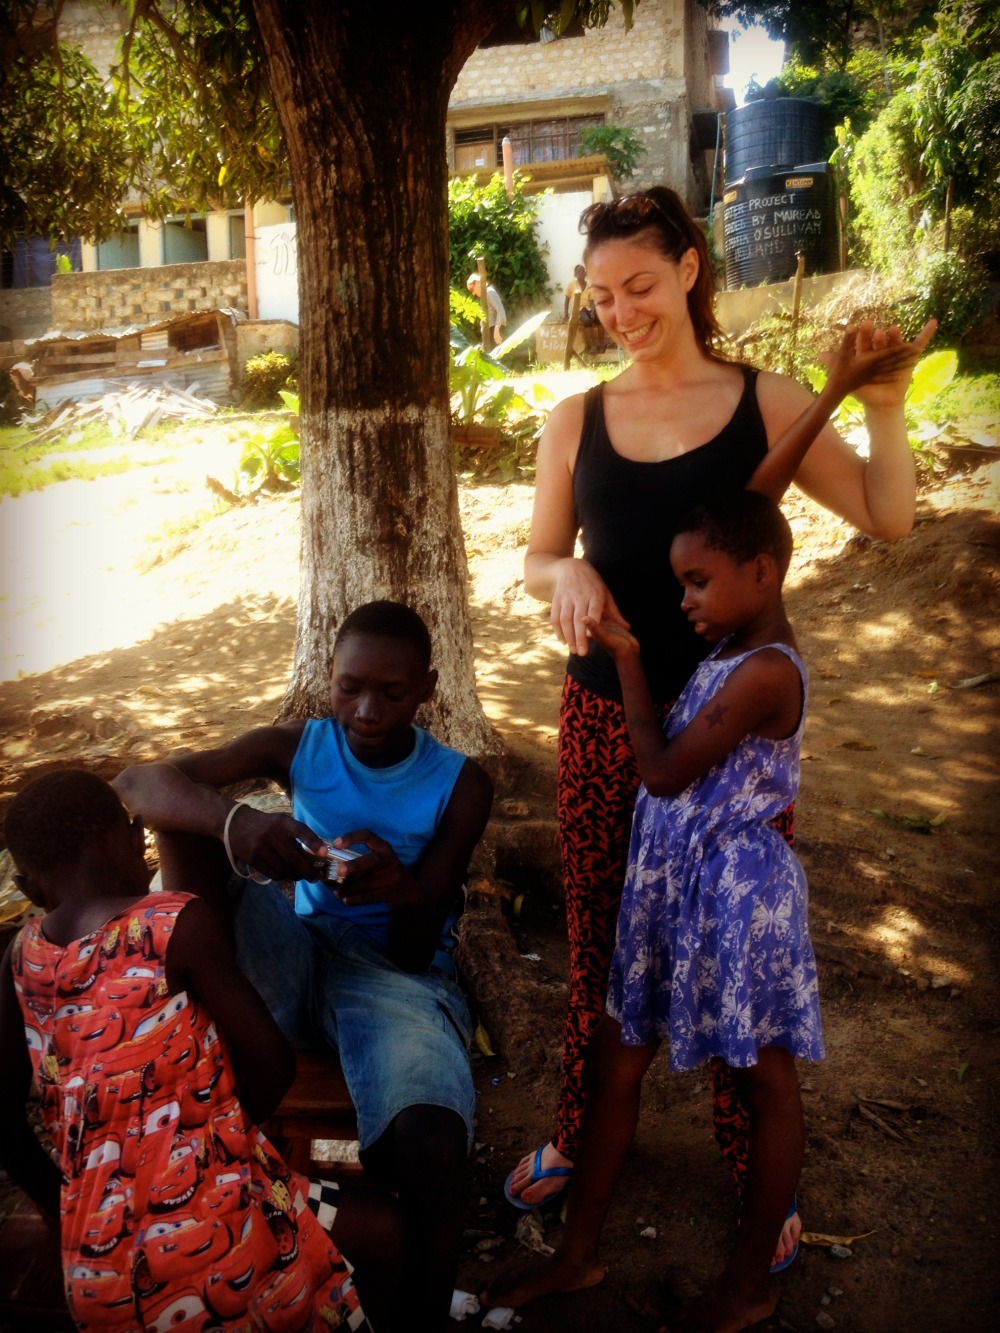 New Hope Childrens home Kenya Africa Volunteers i-to-i